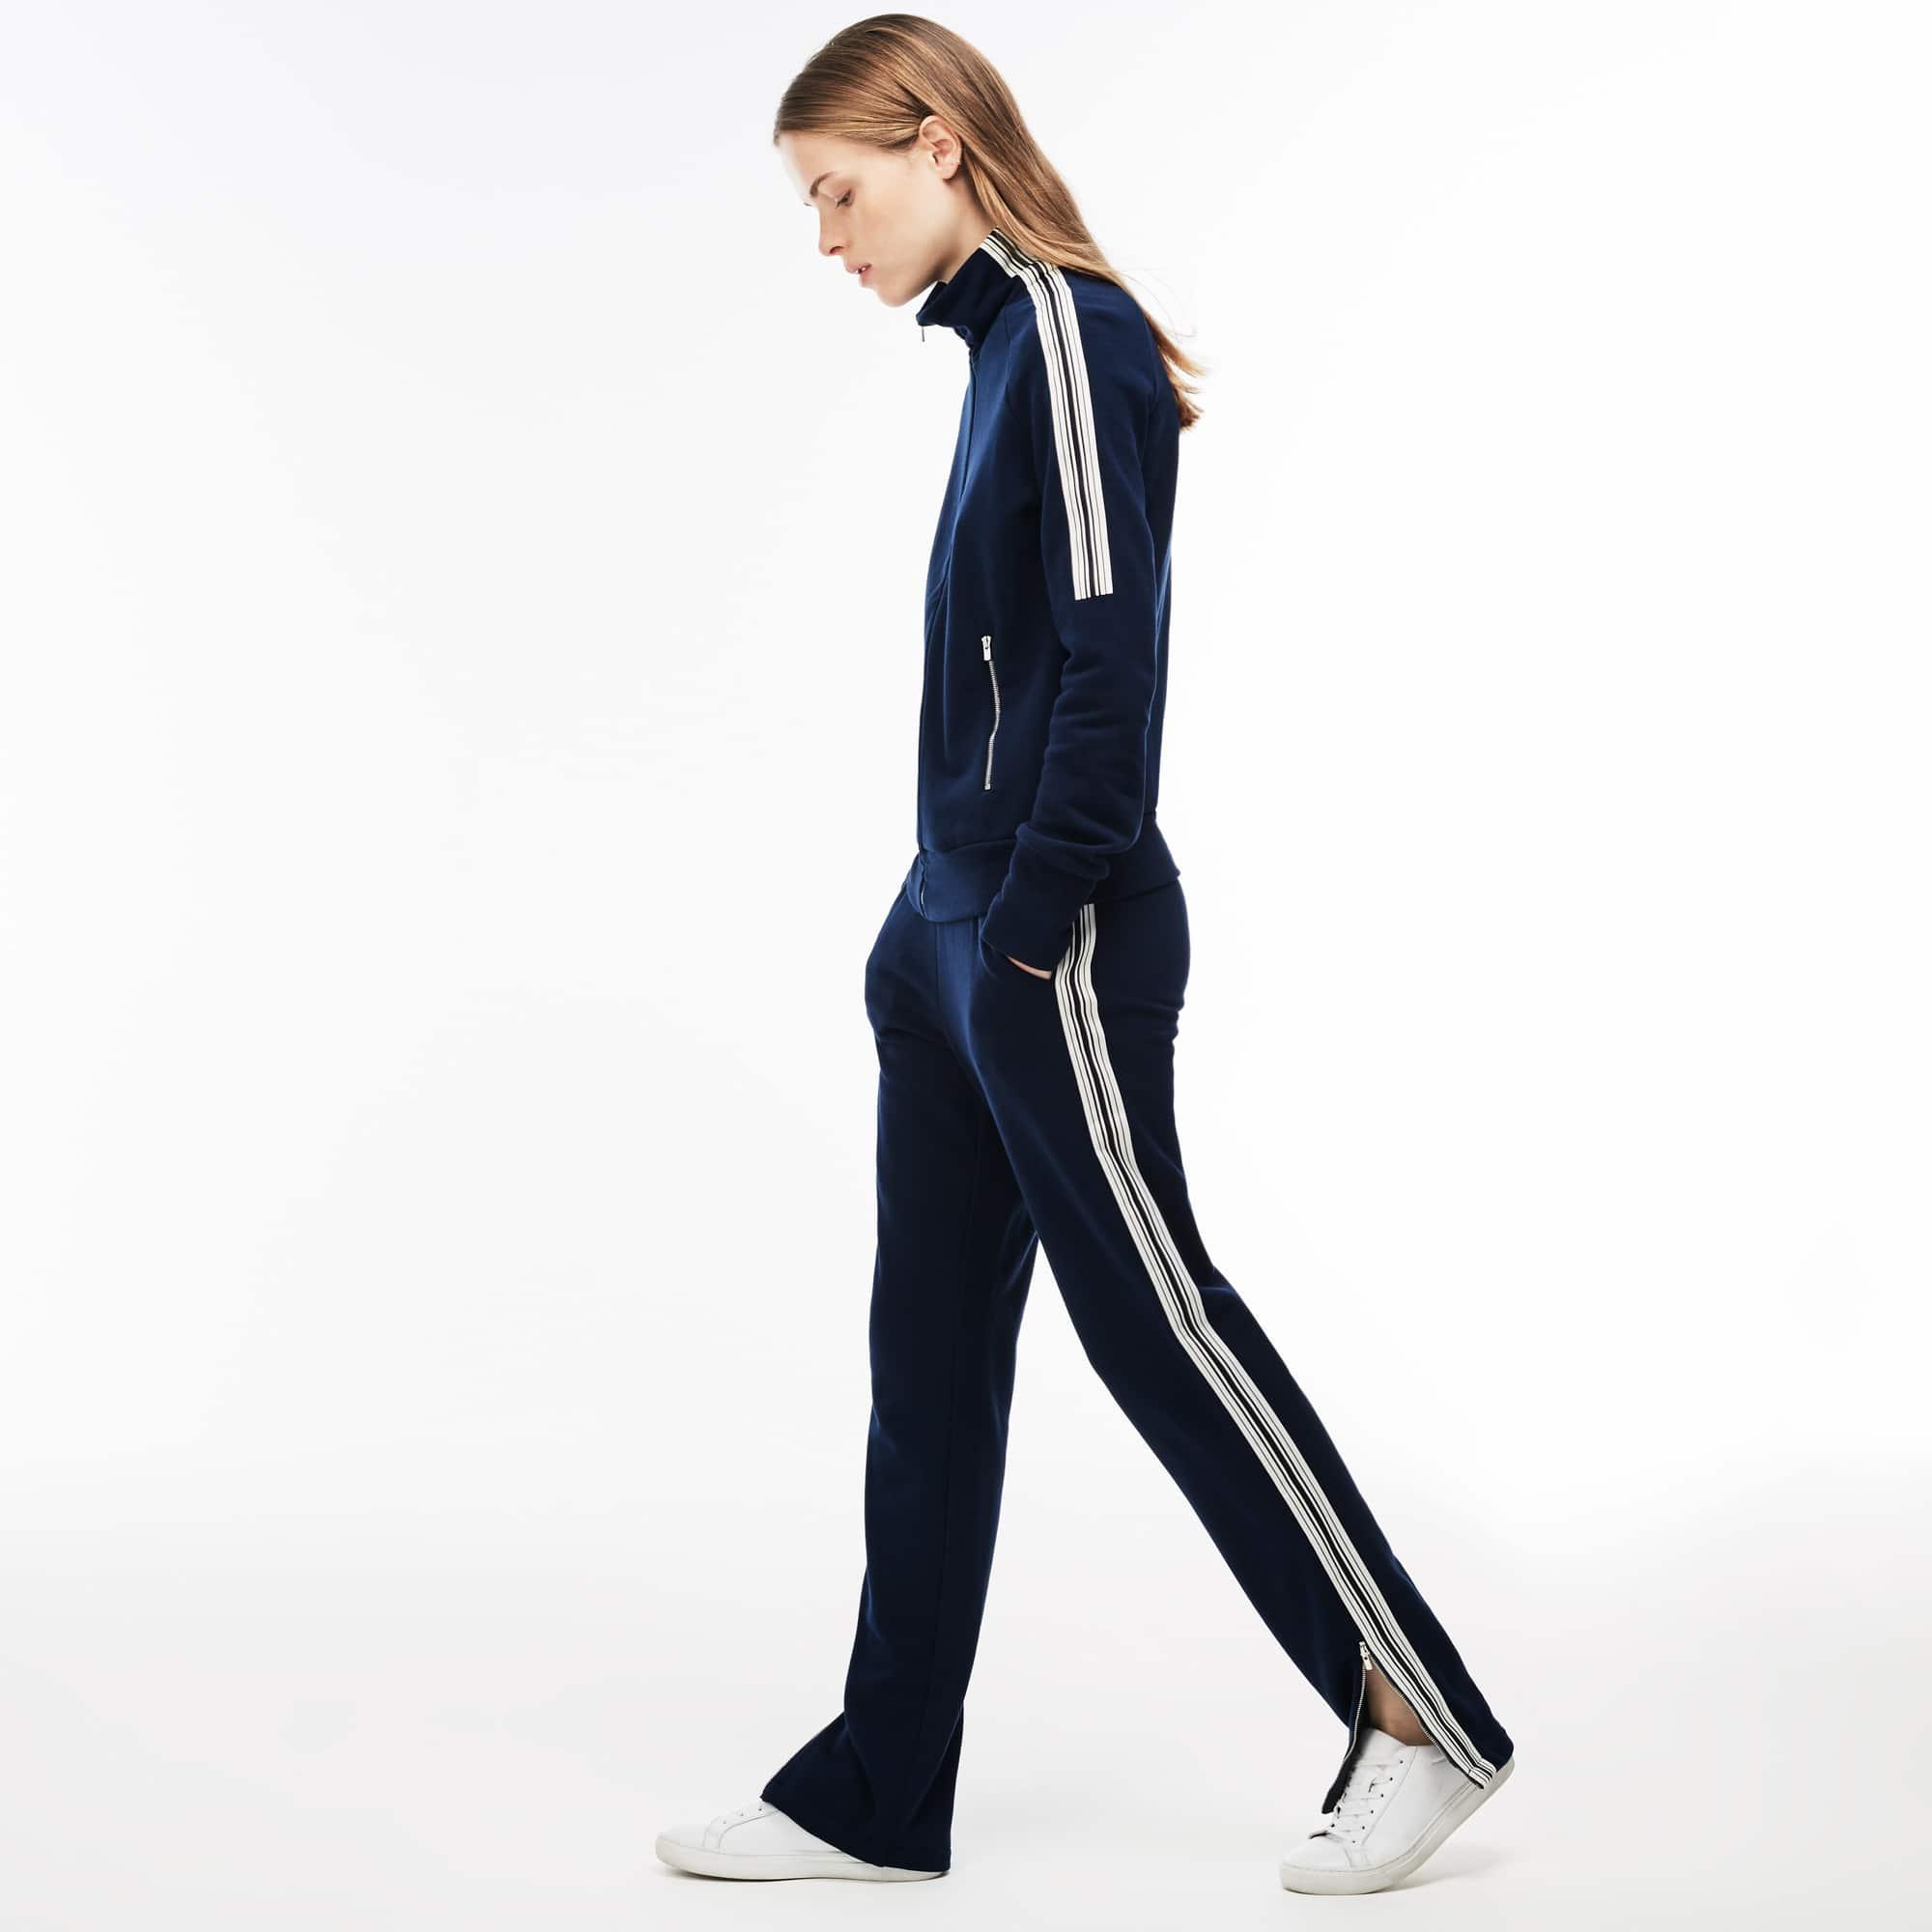 Joggingbroek dames crêpe-fleece urban met contrasterende strepen